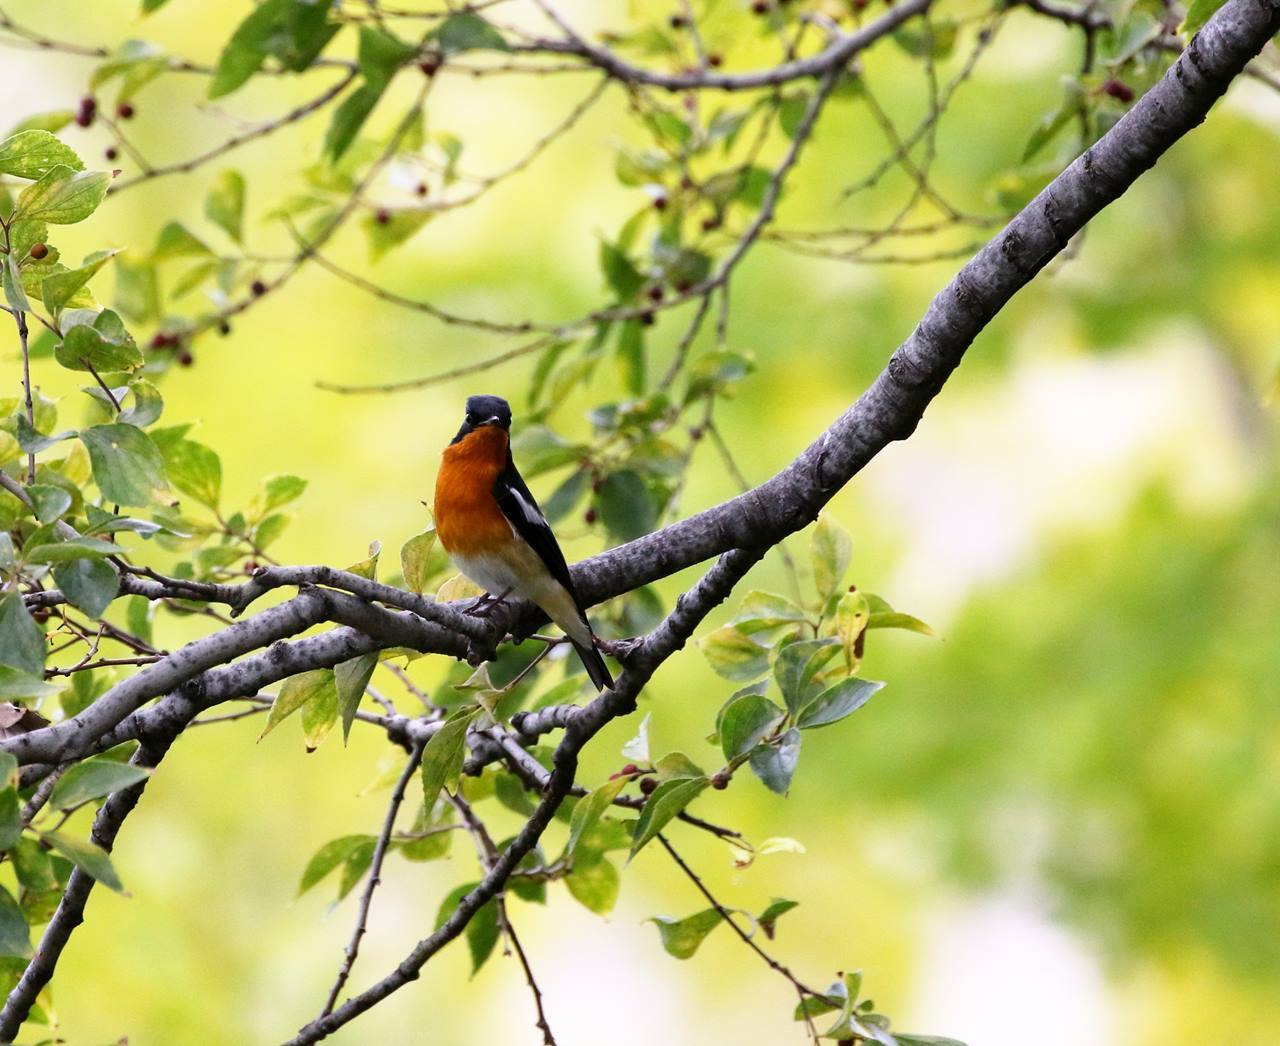 やっとムギマキ♂成鳥に出会う(その2)_c0213607_11383163.jpg